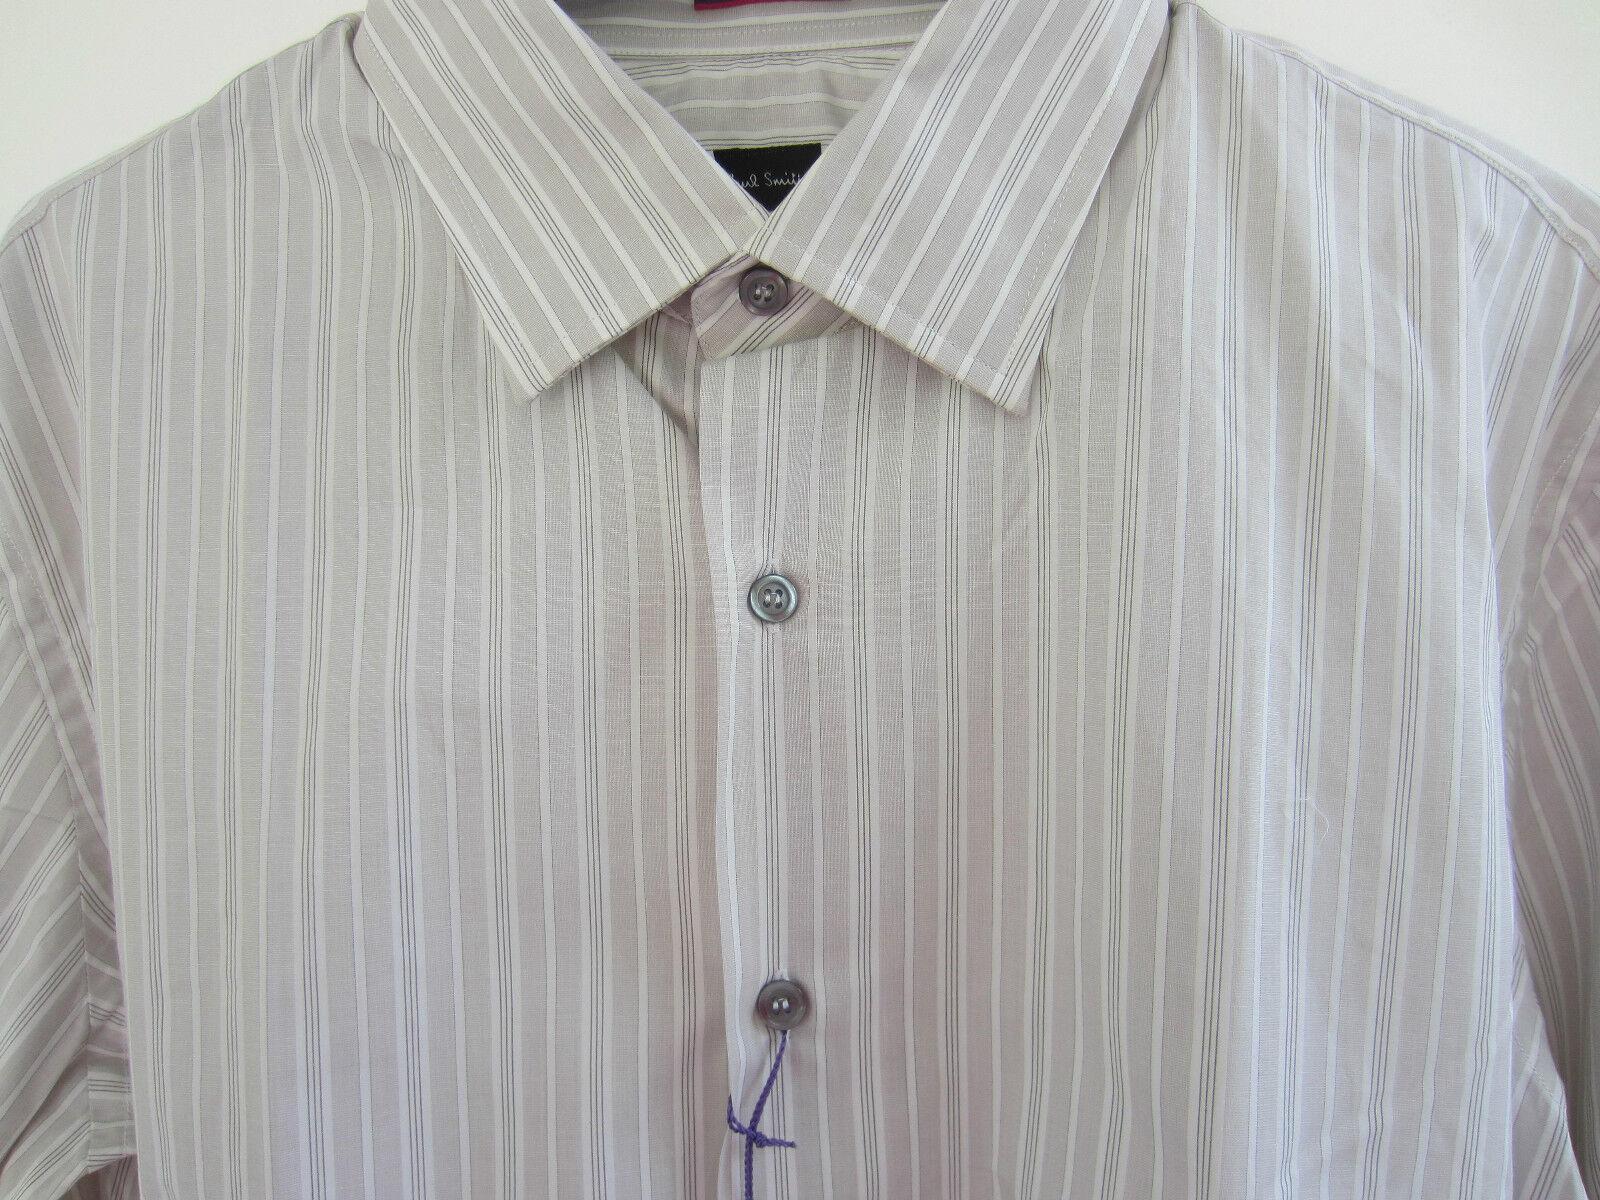 PAUL SMITH SLIM FIT Formale Shirt 41.9cm EU 107cmlondon